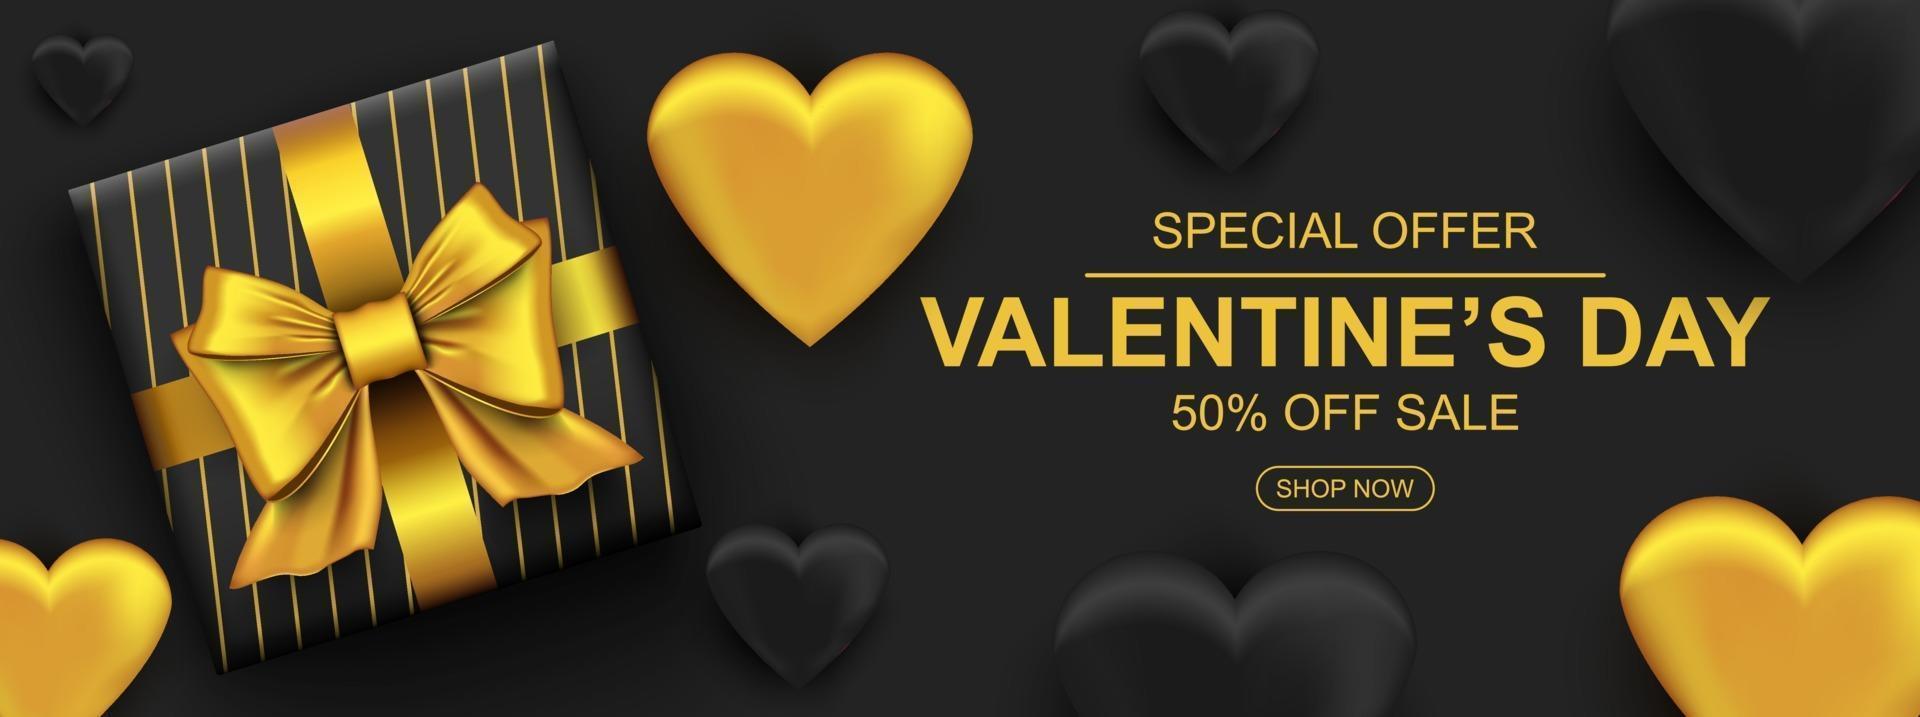 banner web di vendita di san valentino. confezione regalo realistica con fiocco dorato e cuore. vettore